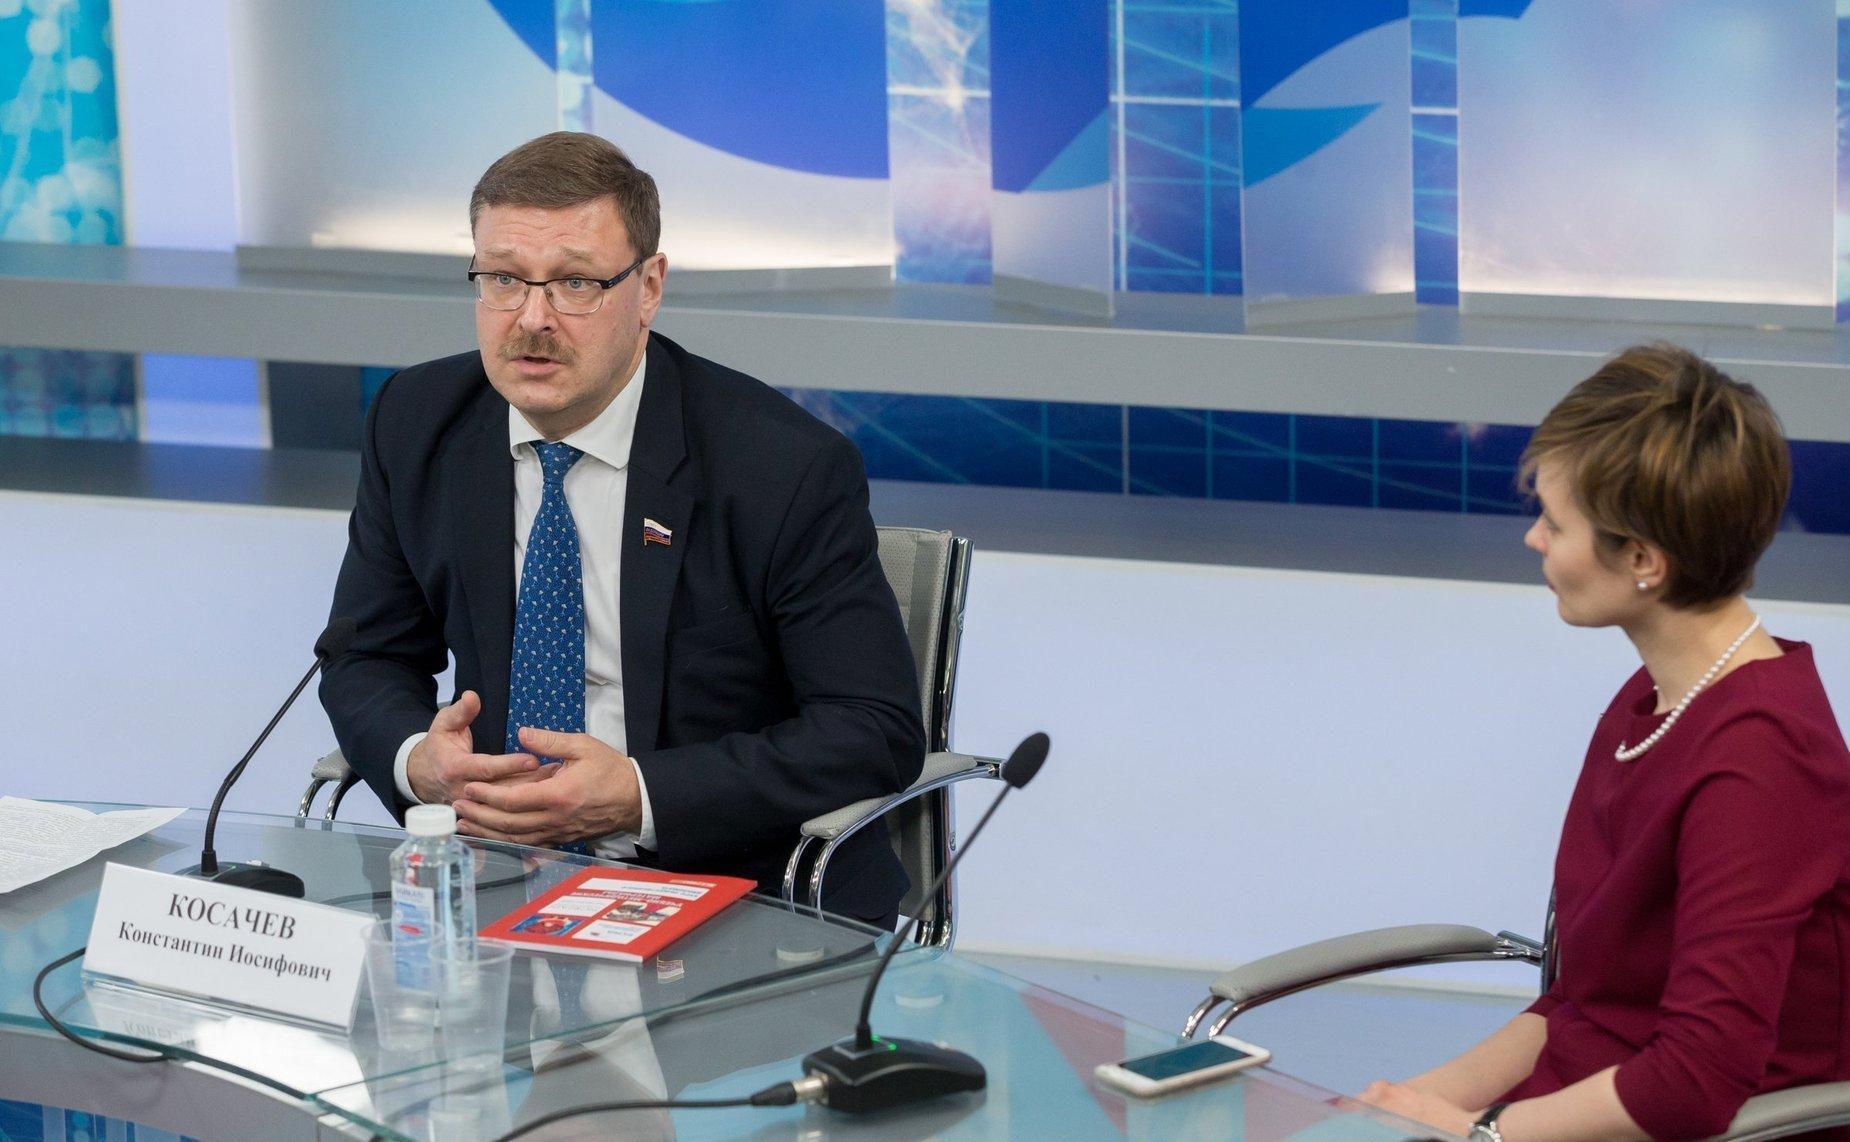 К. Косачев: Значение публичной дипломатии возрастает